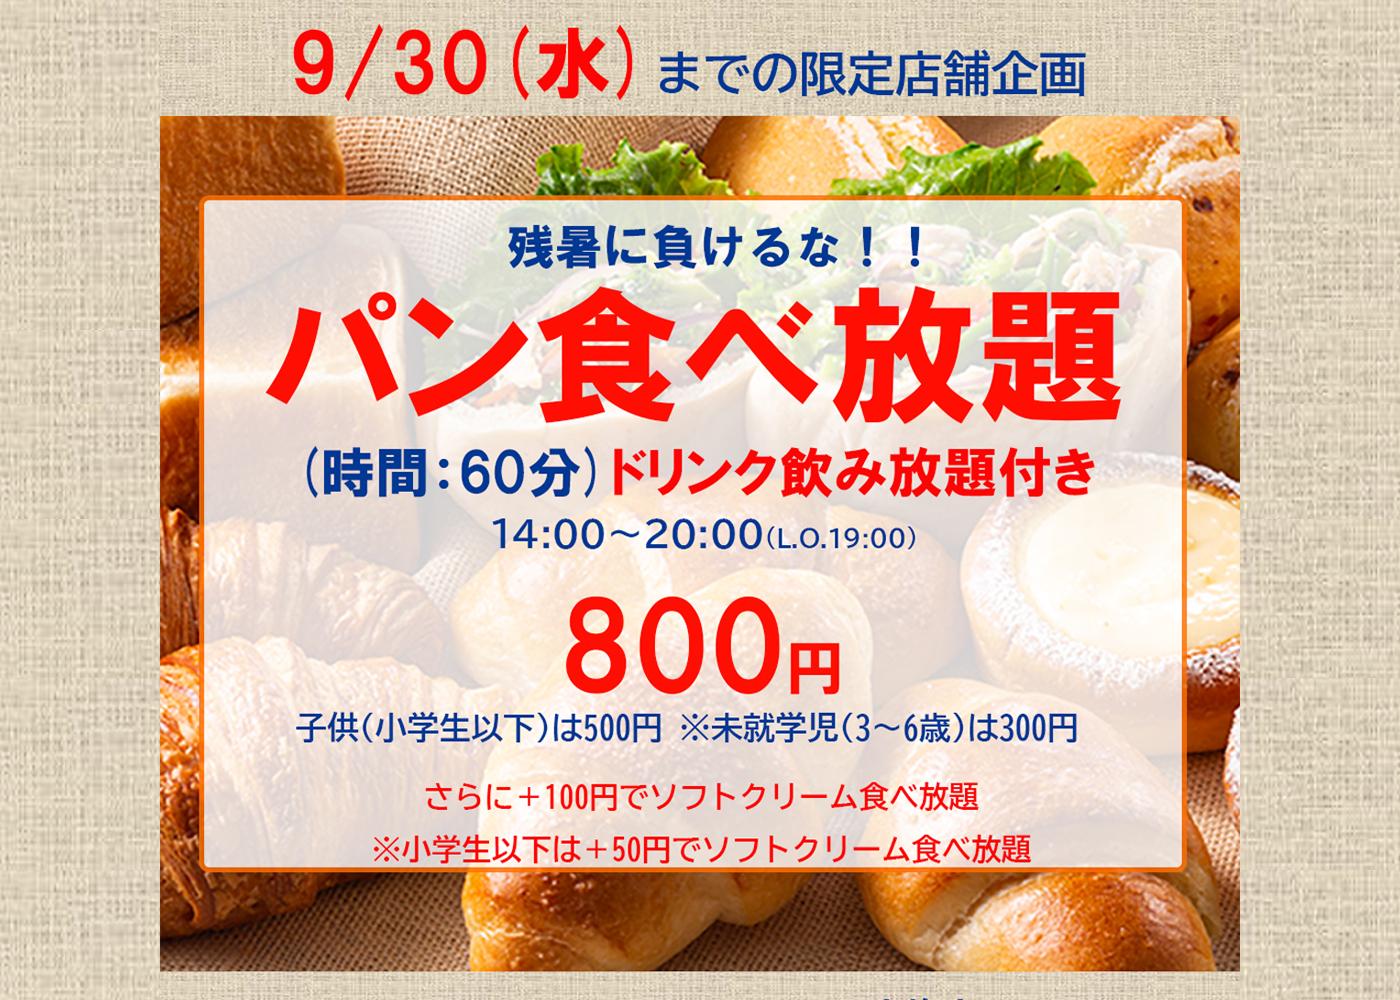 パン食べ放題(好評9/30まで・限定店舗企画)